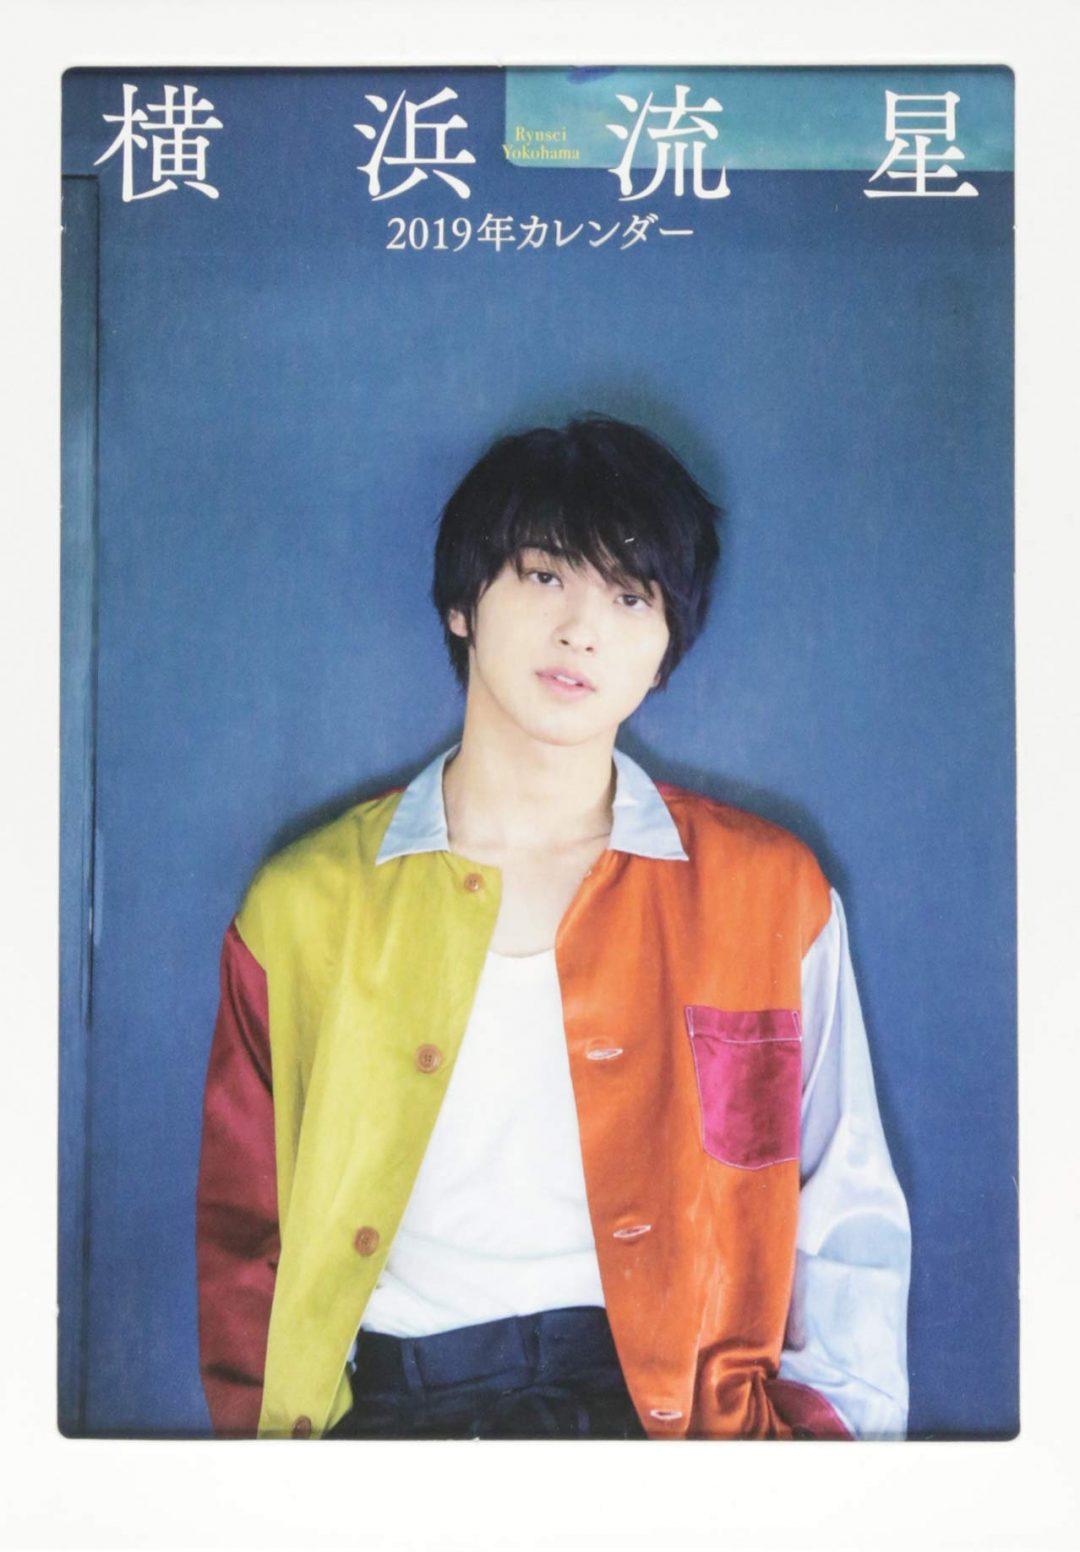 「横浜流星 2019年カレンダー」KADOKAWA